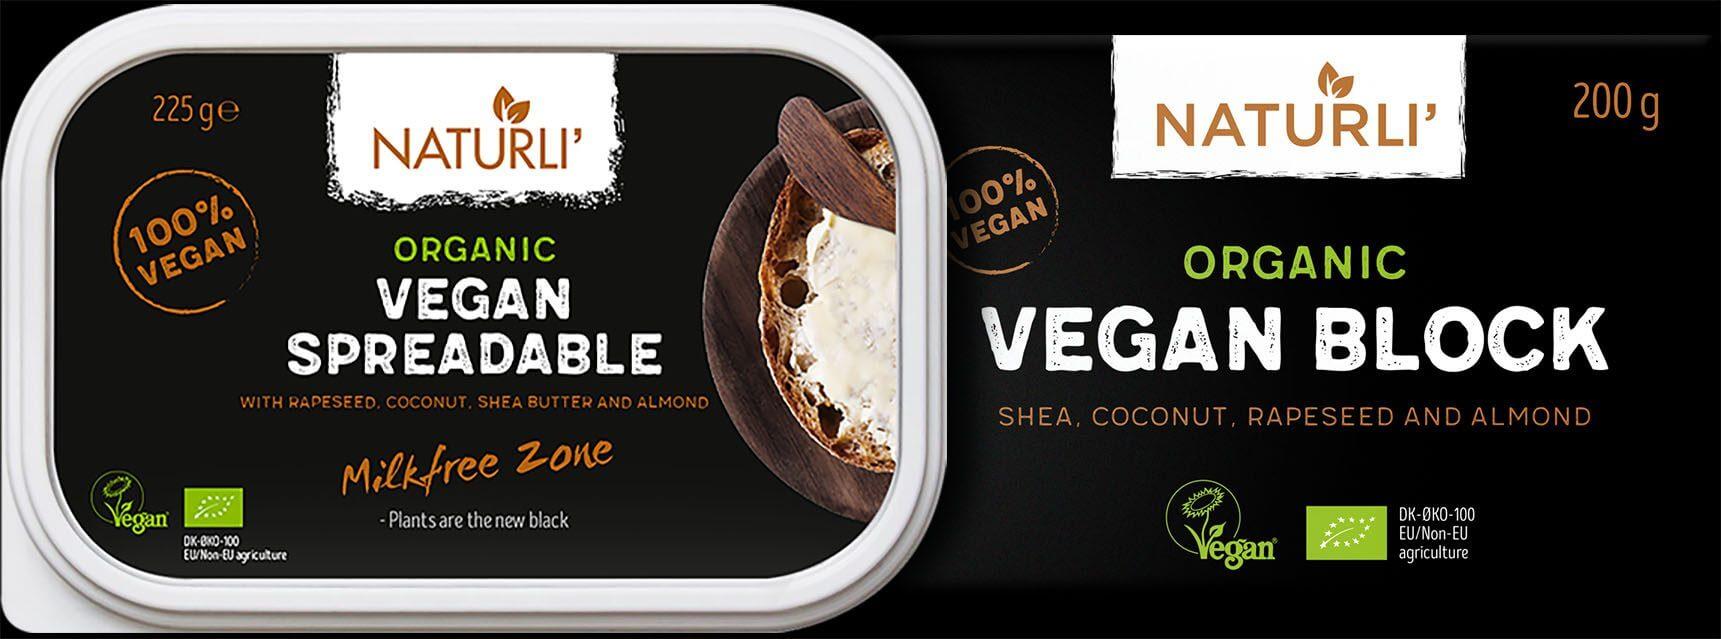 naturli vegan butter